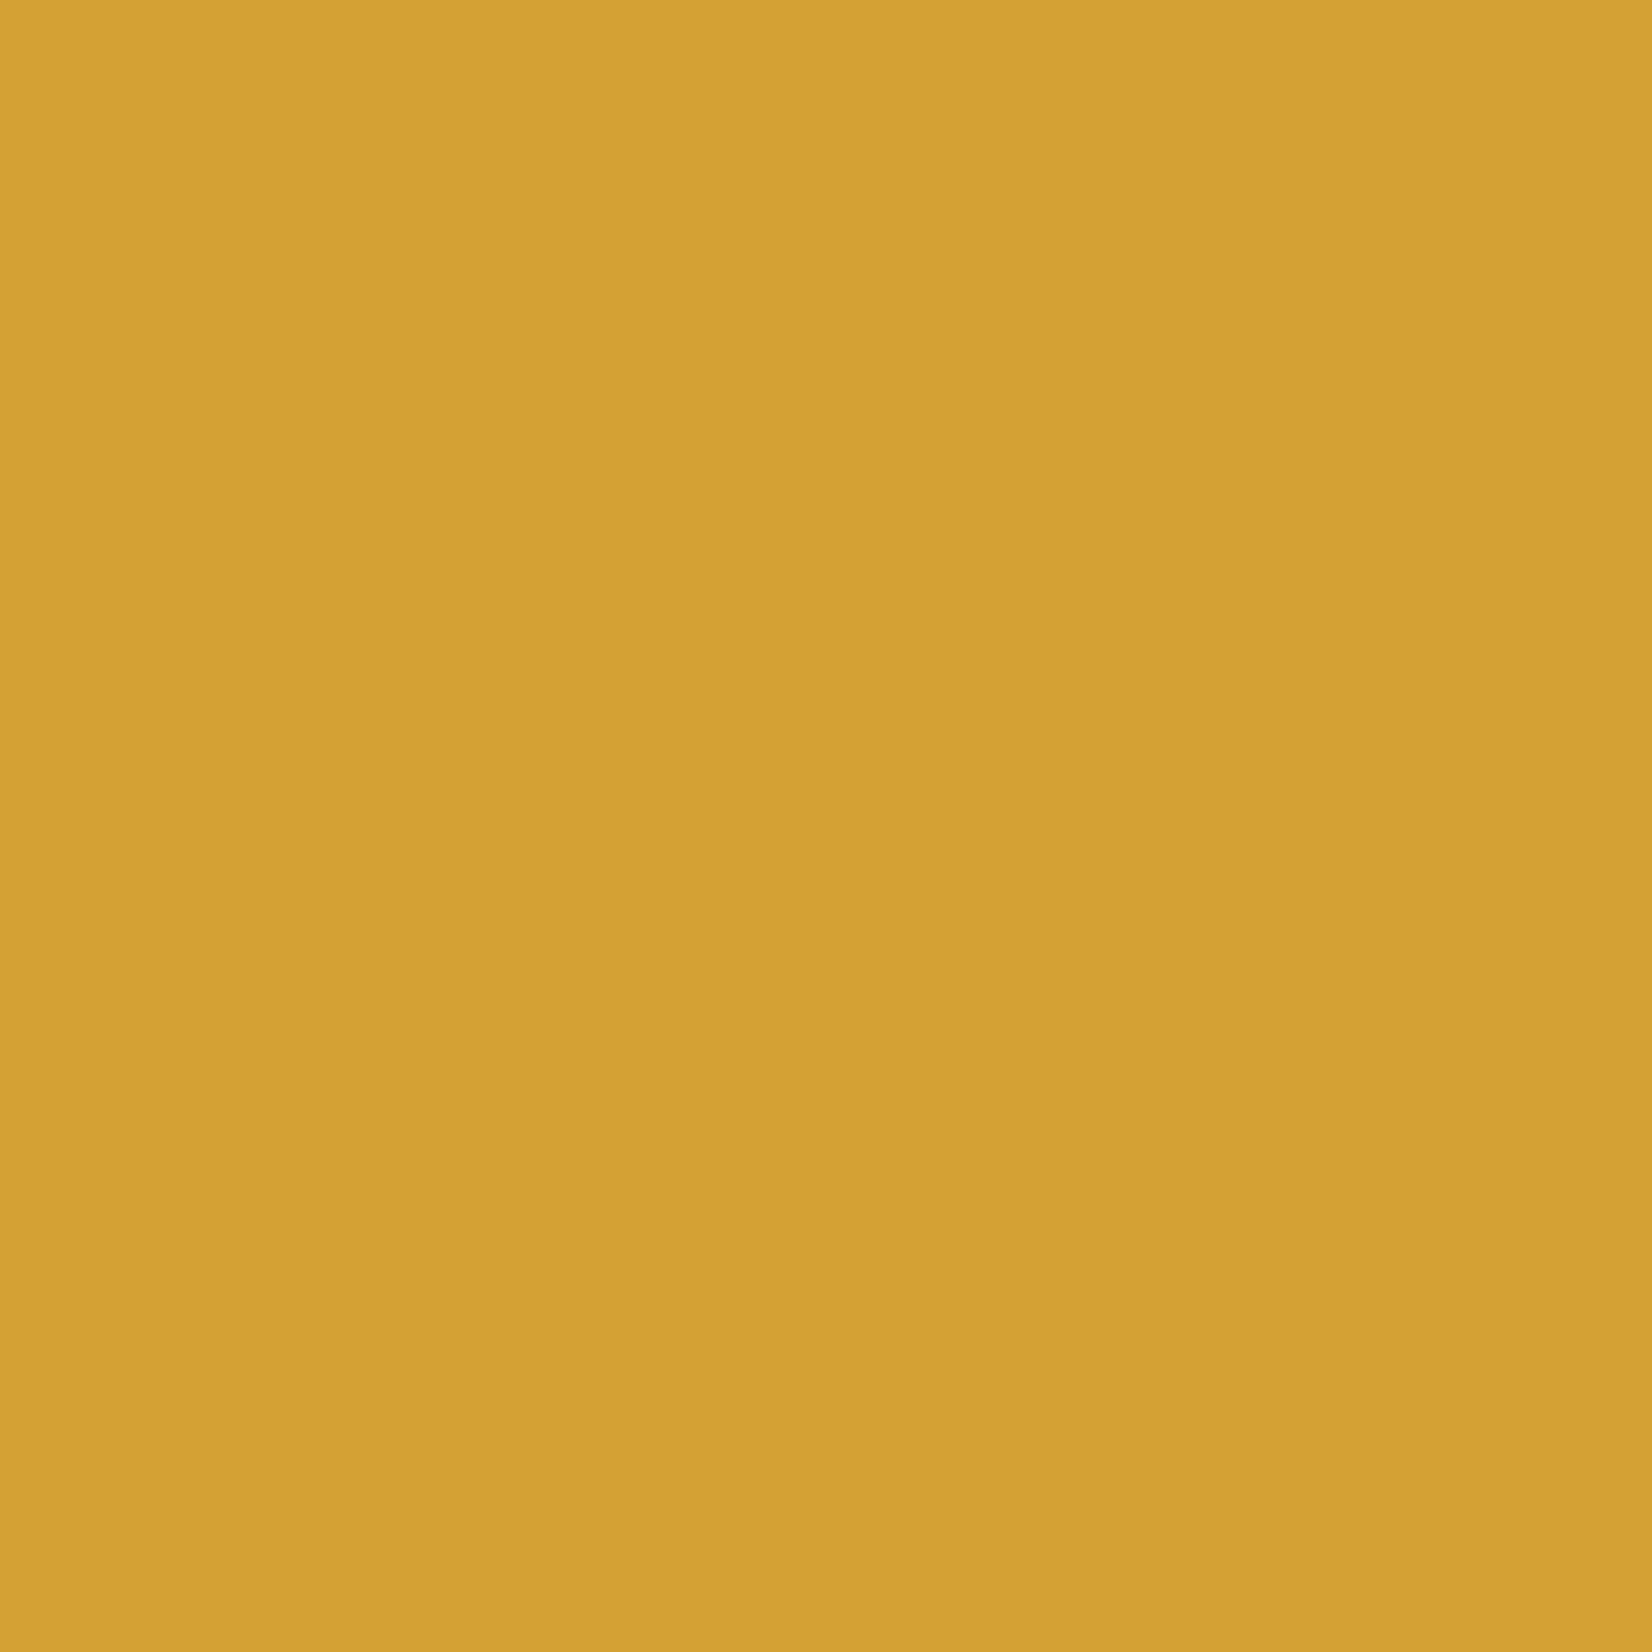 DENISE BURKITT DS MODERN SOLID - GOLD $0.12 PER CM OR $12 PER METER